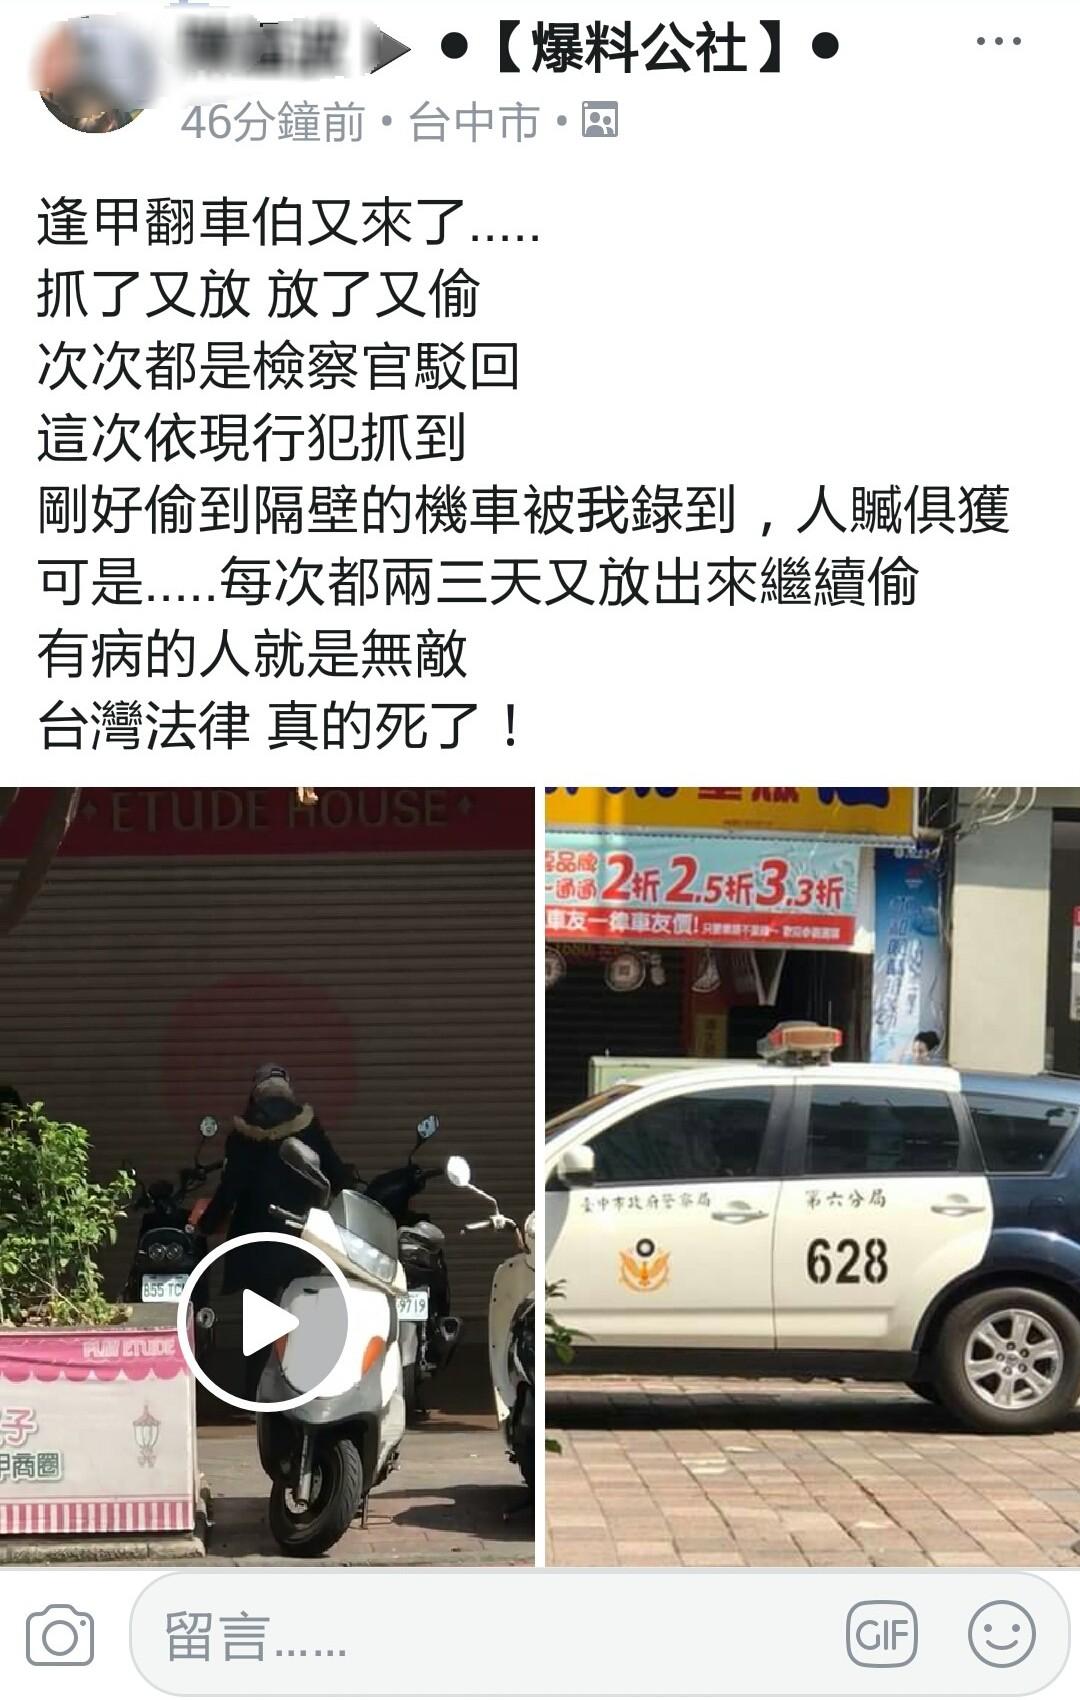 網友今天在臉書爆料公社說,逢甲翻車伯又來了,他已報案。圖/取自爆料公社